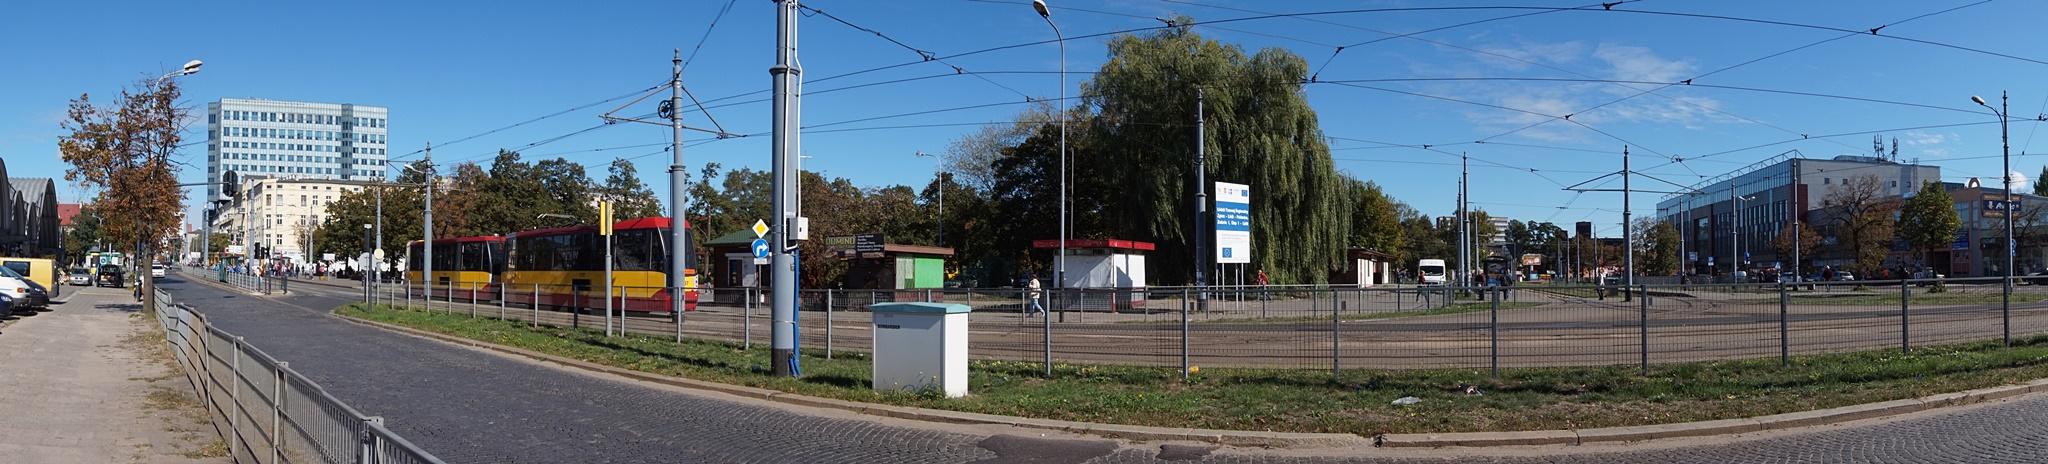 Plac Niepodległości 3